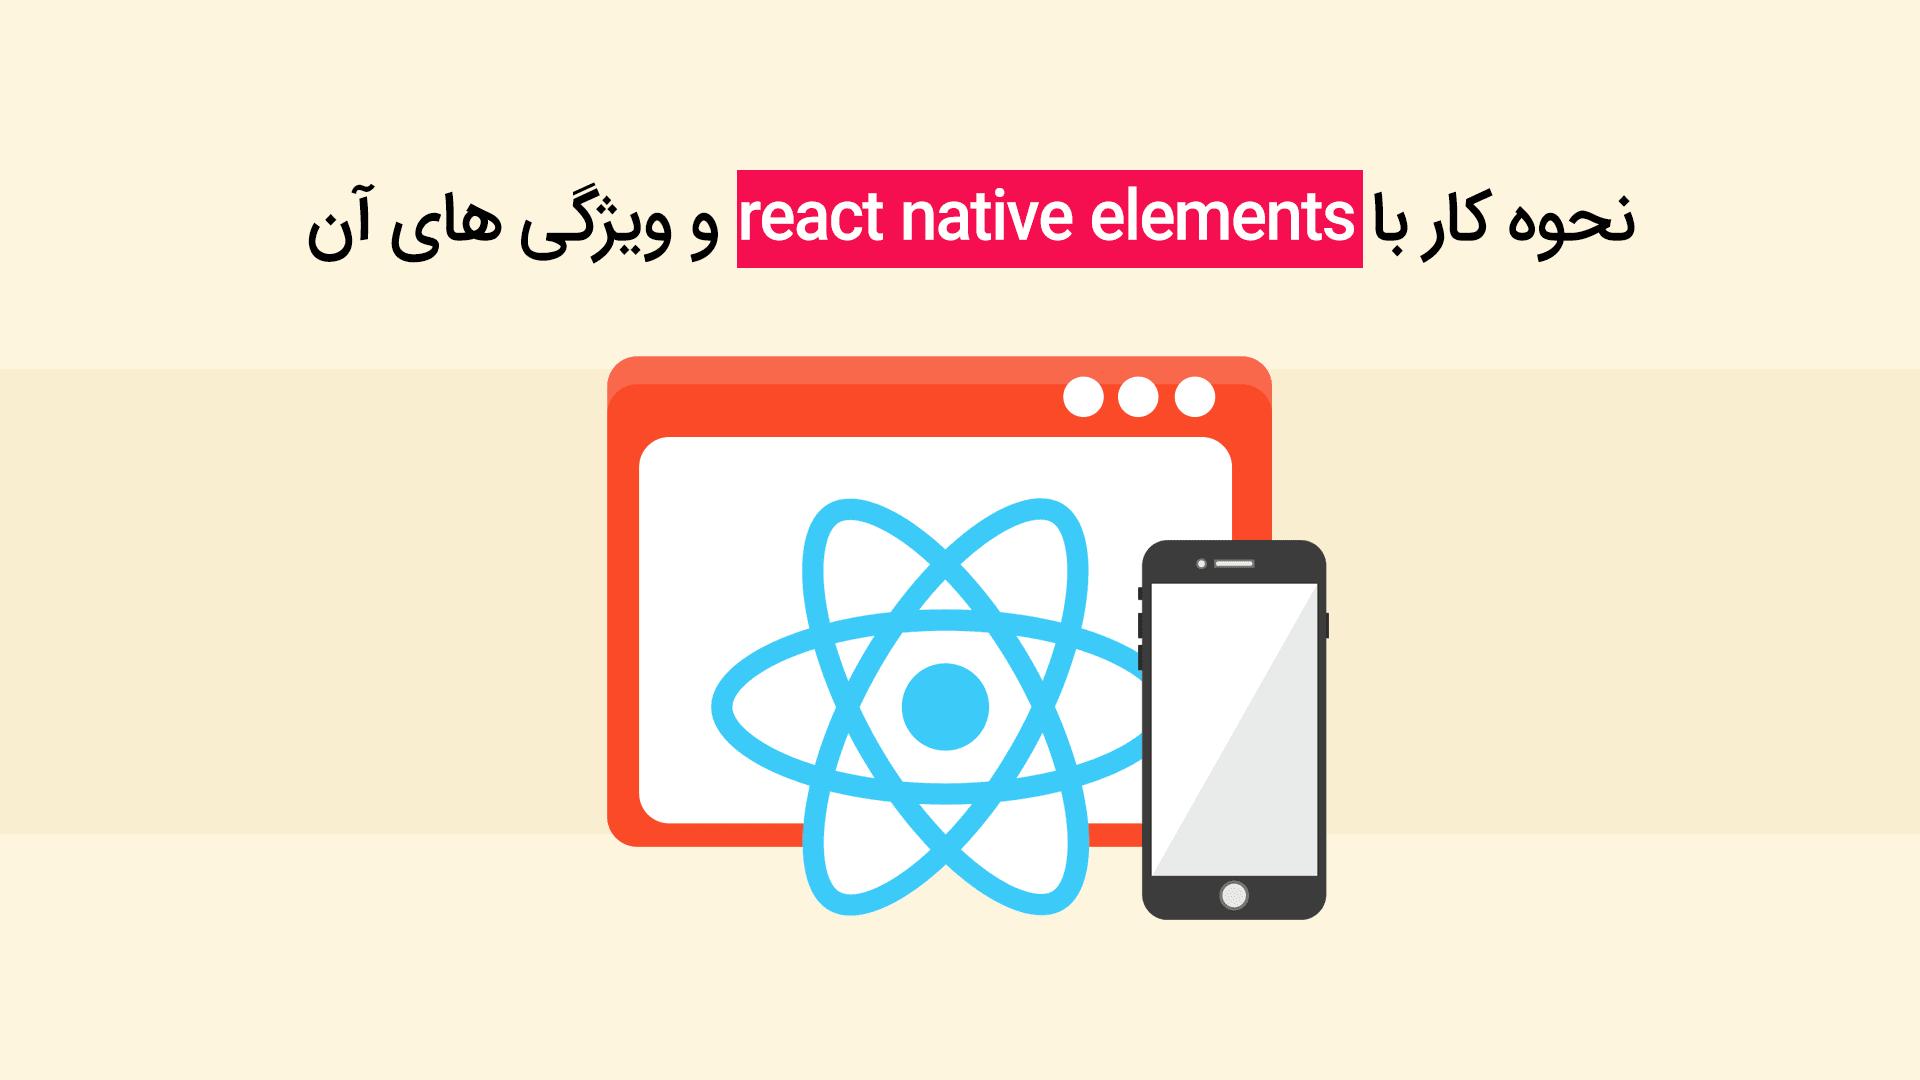 نحوه کار با react native elements و ویژگی های آن